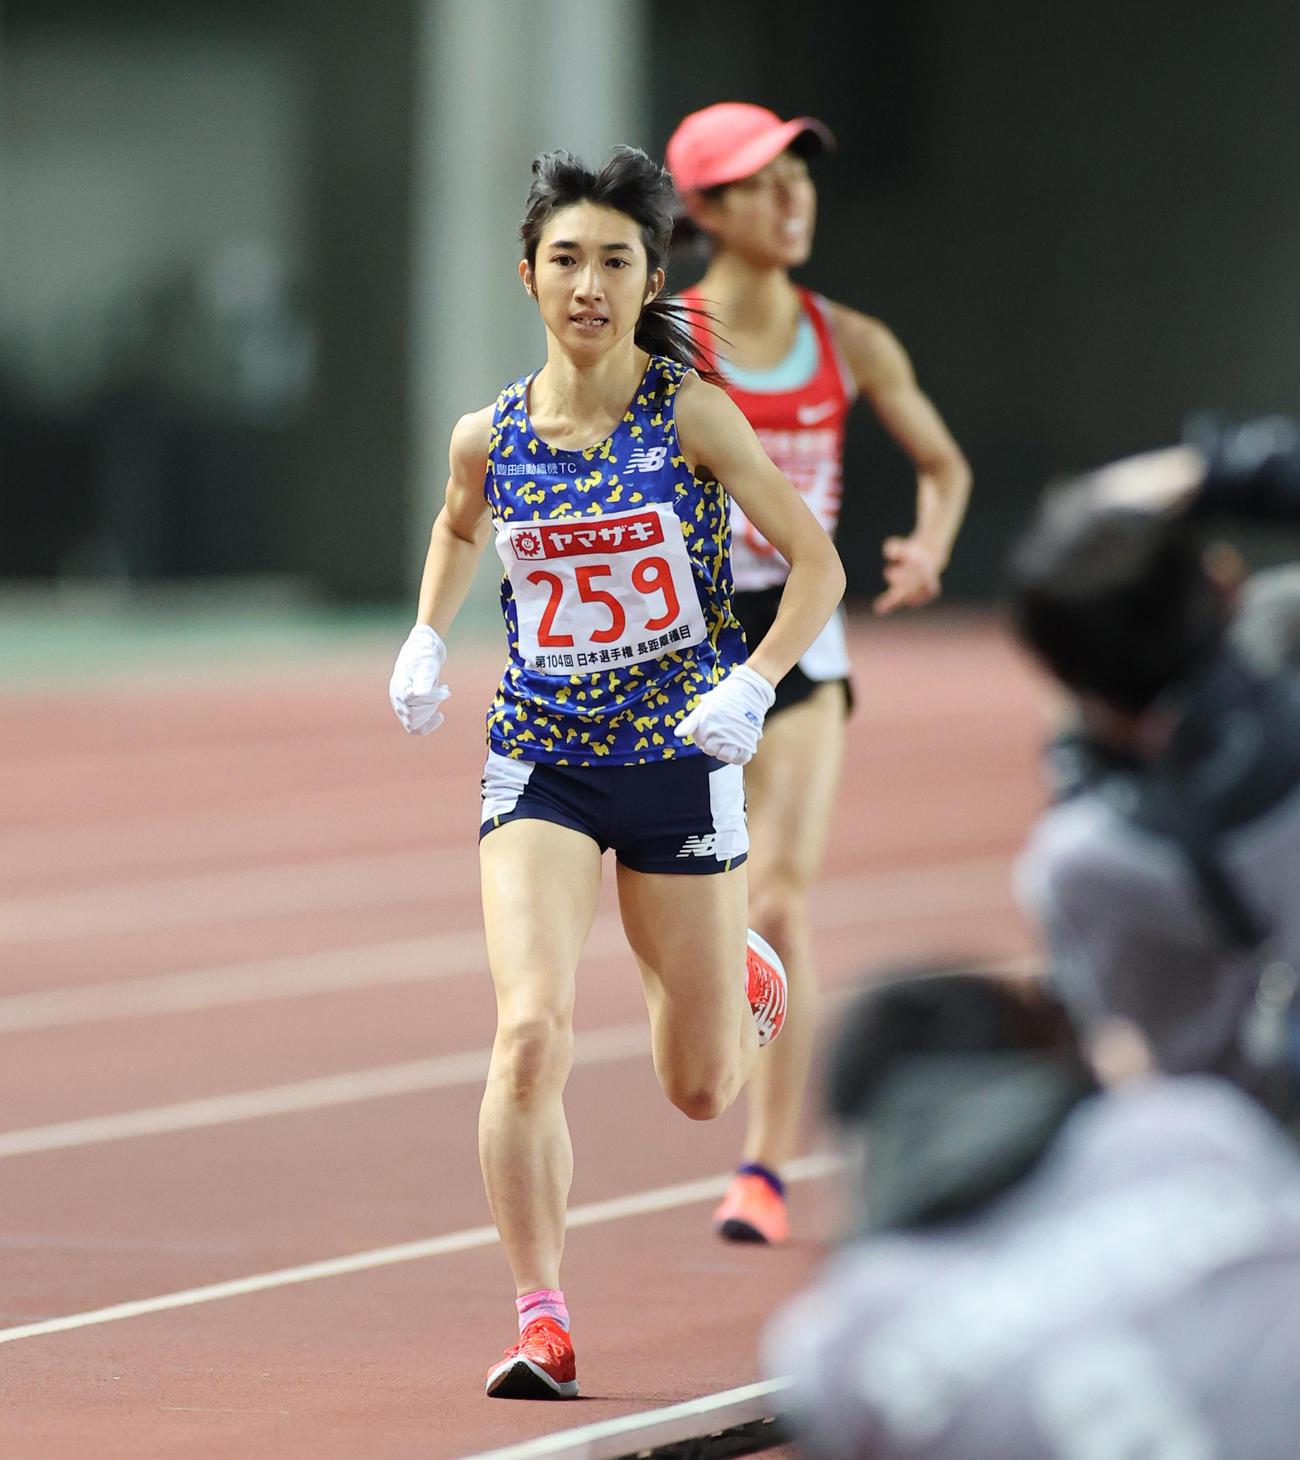 日本陸上競技選手権大会・長距離種目 女子5000メートル 15分5秒65で1位となる田中希実(撮影・清水貴仁)